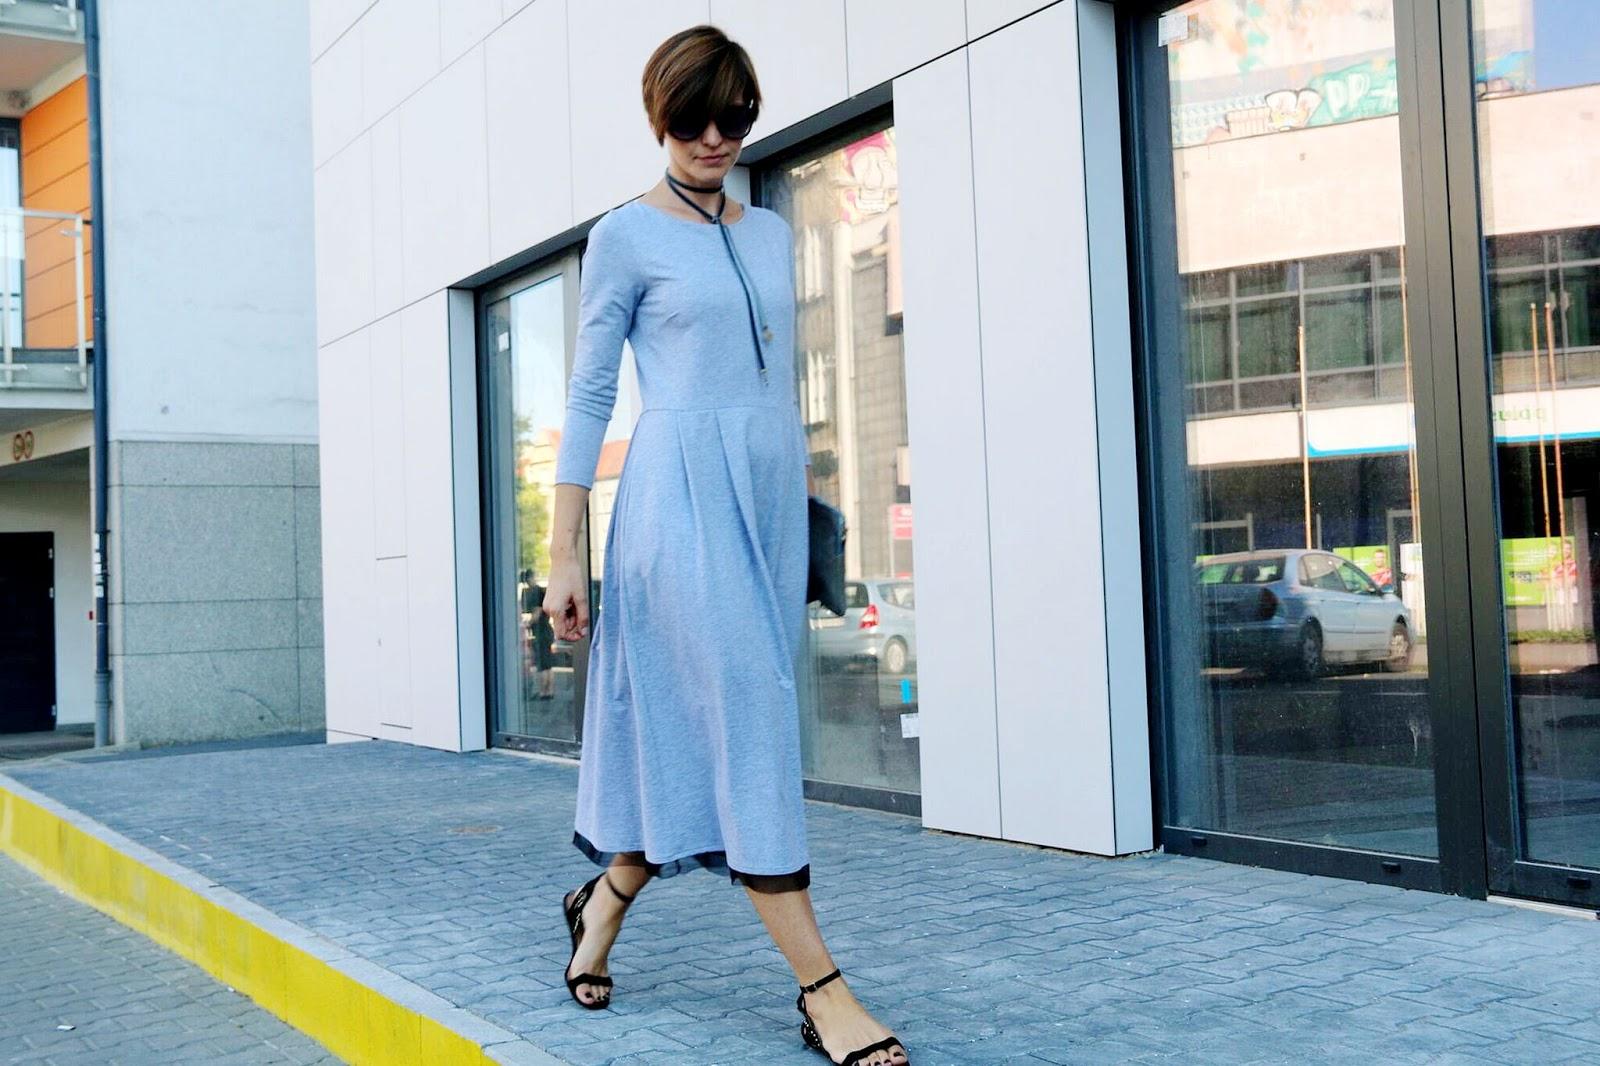 sukienka 7/8, jak nosić sukienke 7/8, midi, szara sukienka, porady stylistki, blog po 30-tce, stylistka Poznań, klasyczna stylizacja,